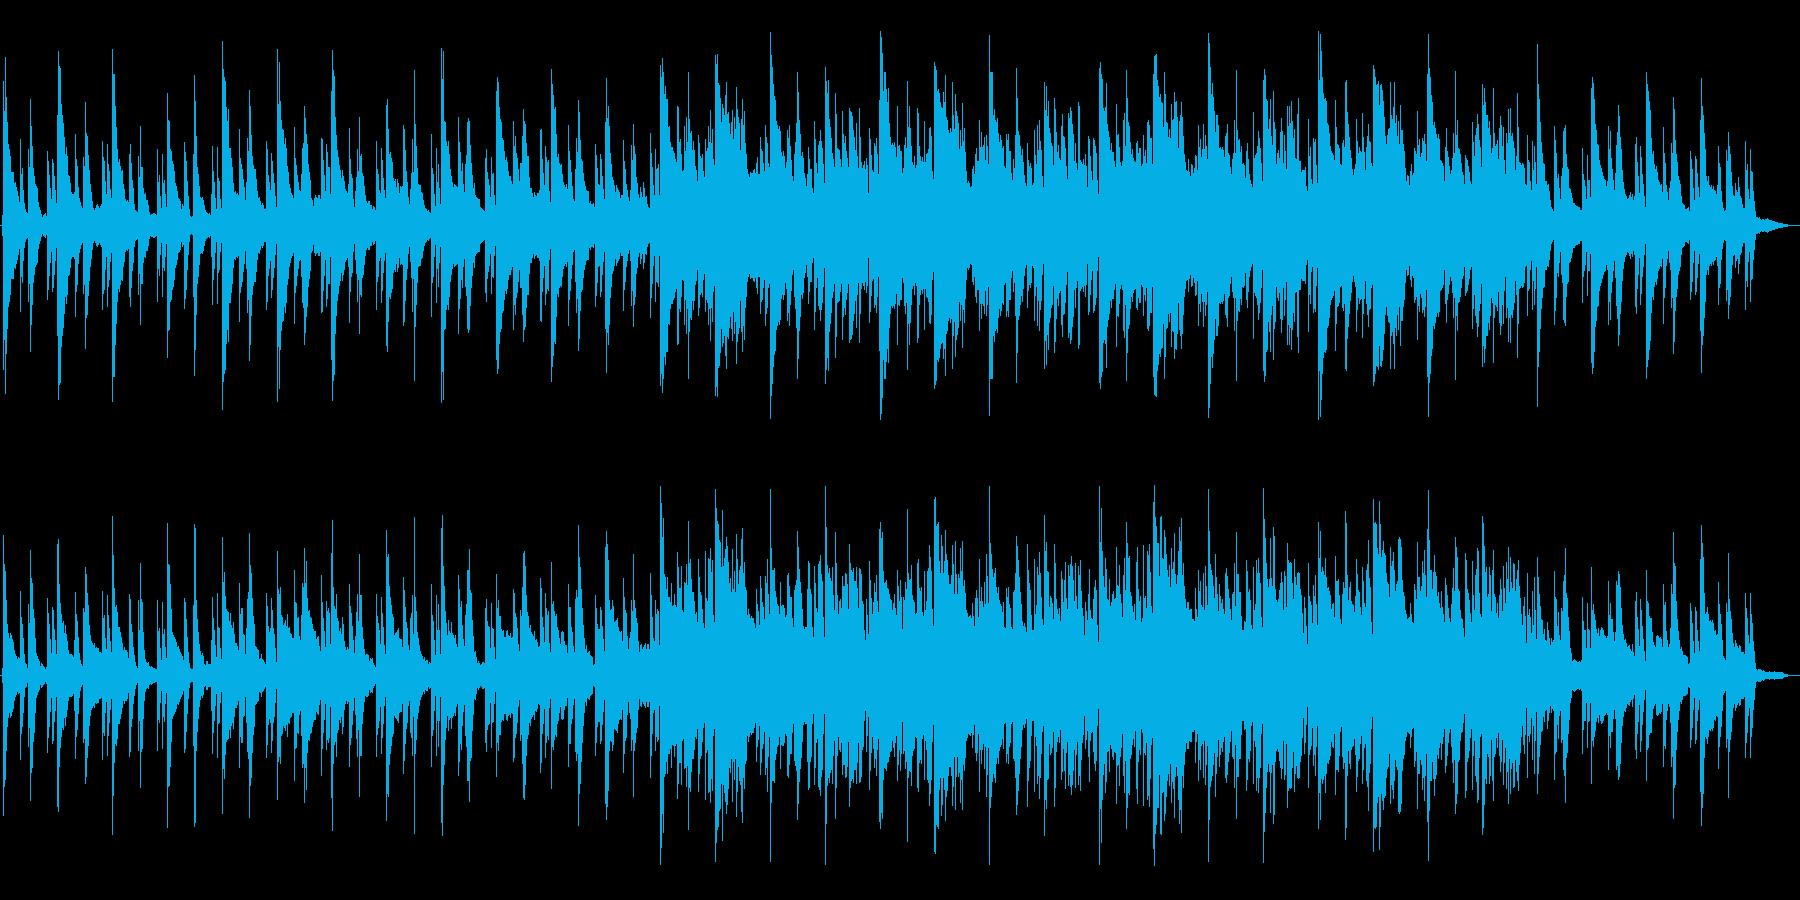 ピアノの音色が美しいポップスの再生済みの波形